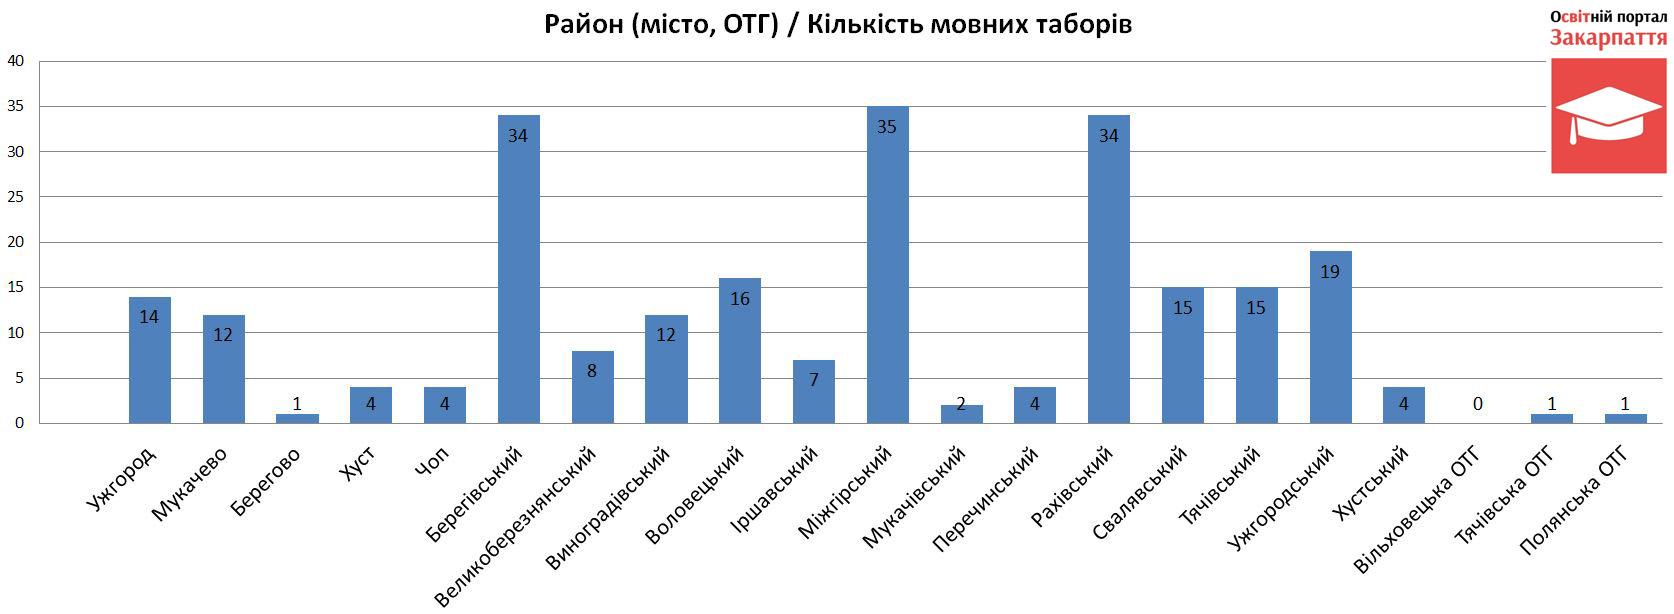 Кількість мовних таборів на Закарпатті (за містами, районами, громадами)